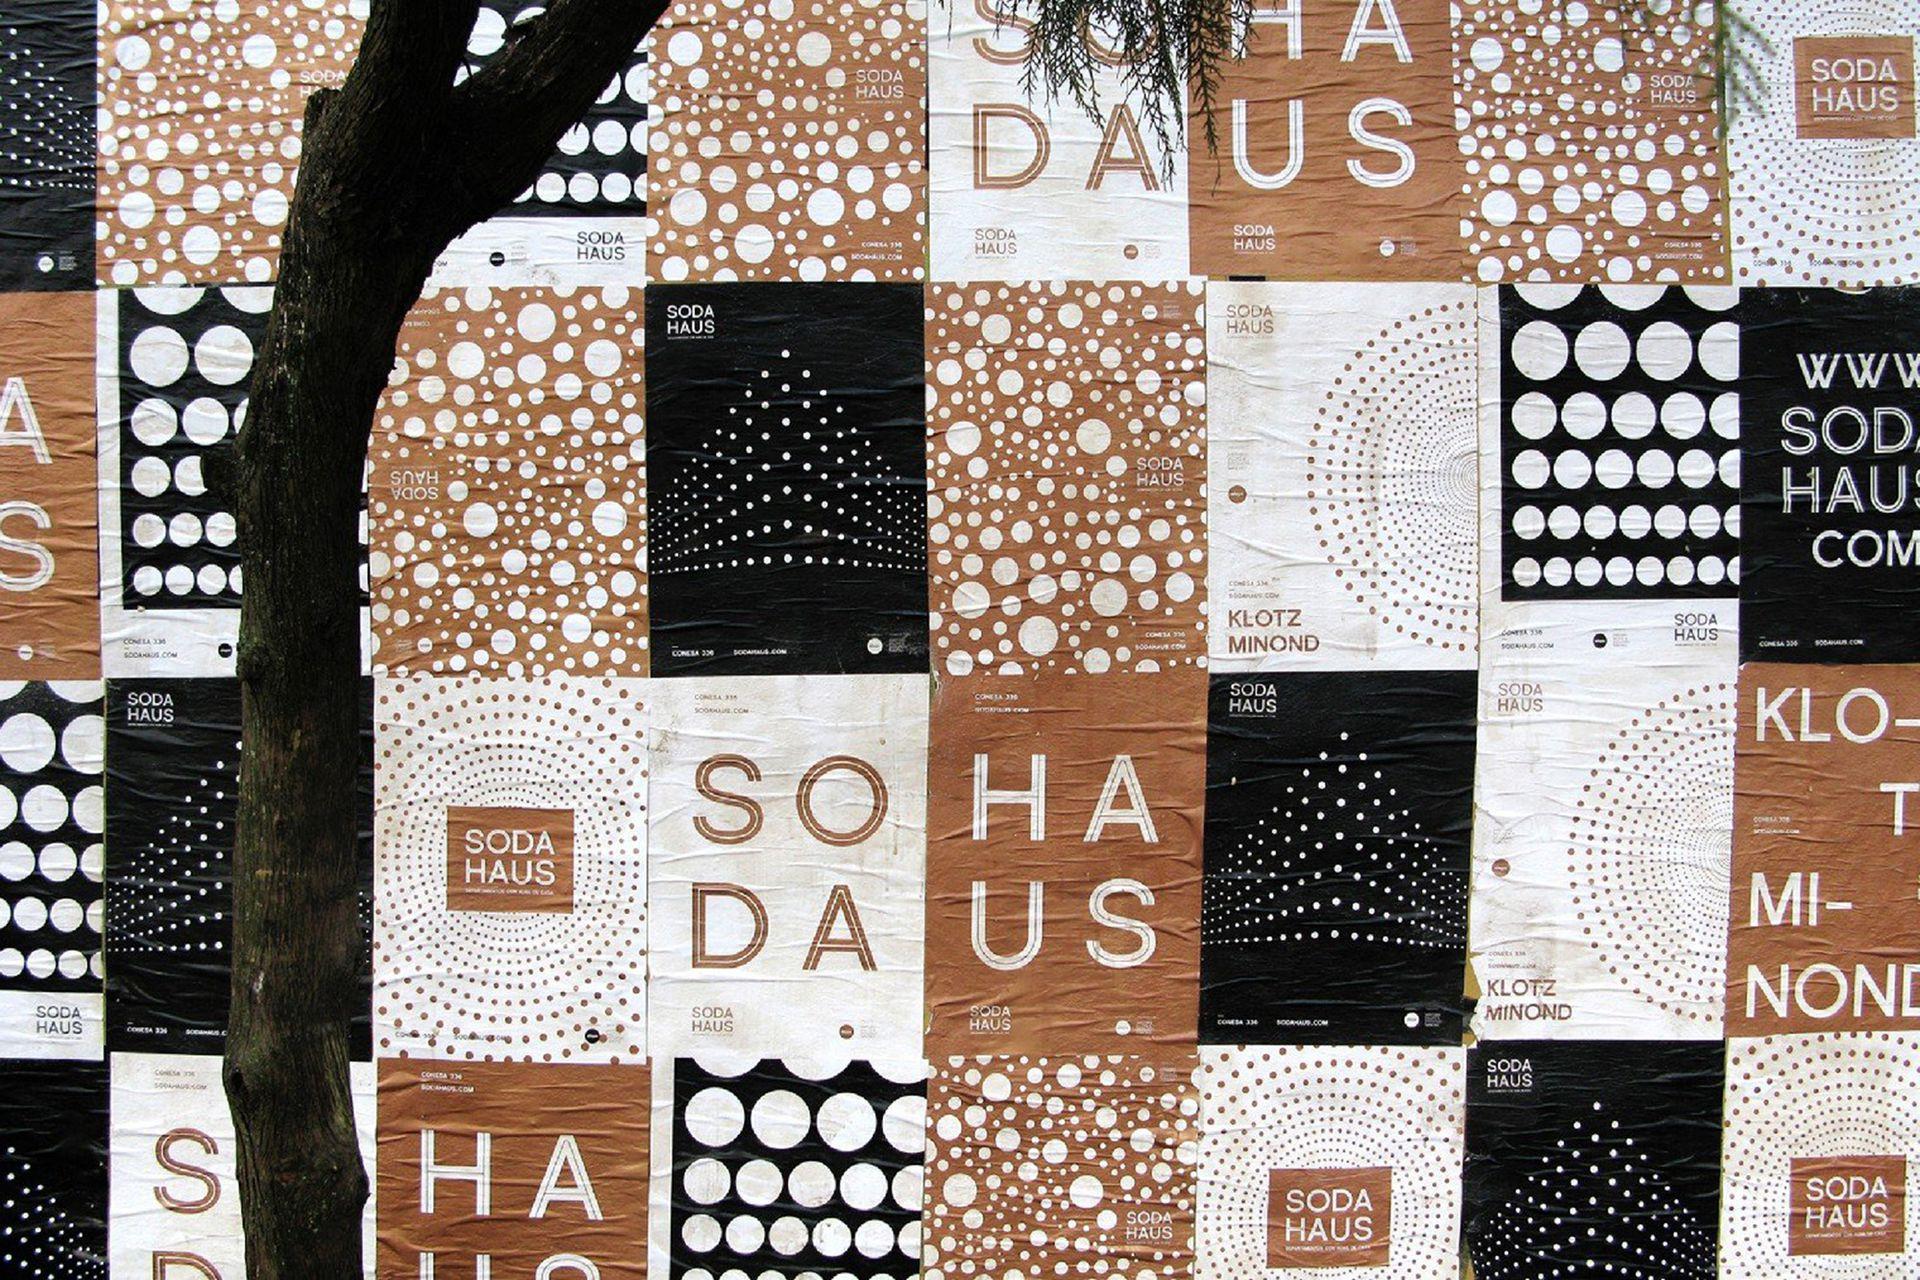 Soda Haus conserva la impronta de la antigua fábrica de soda Tomasello y Cía en Conesa al 300